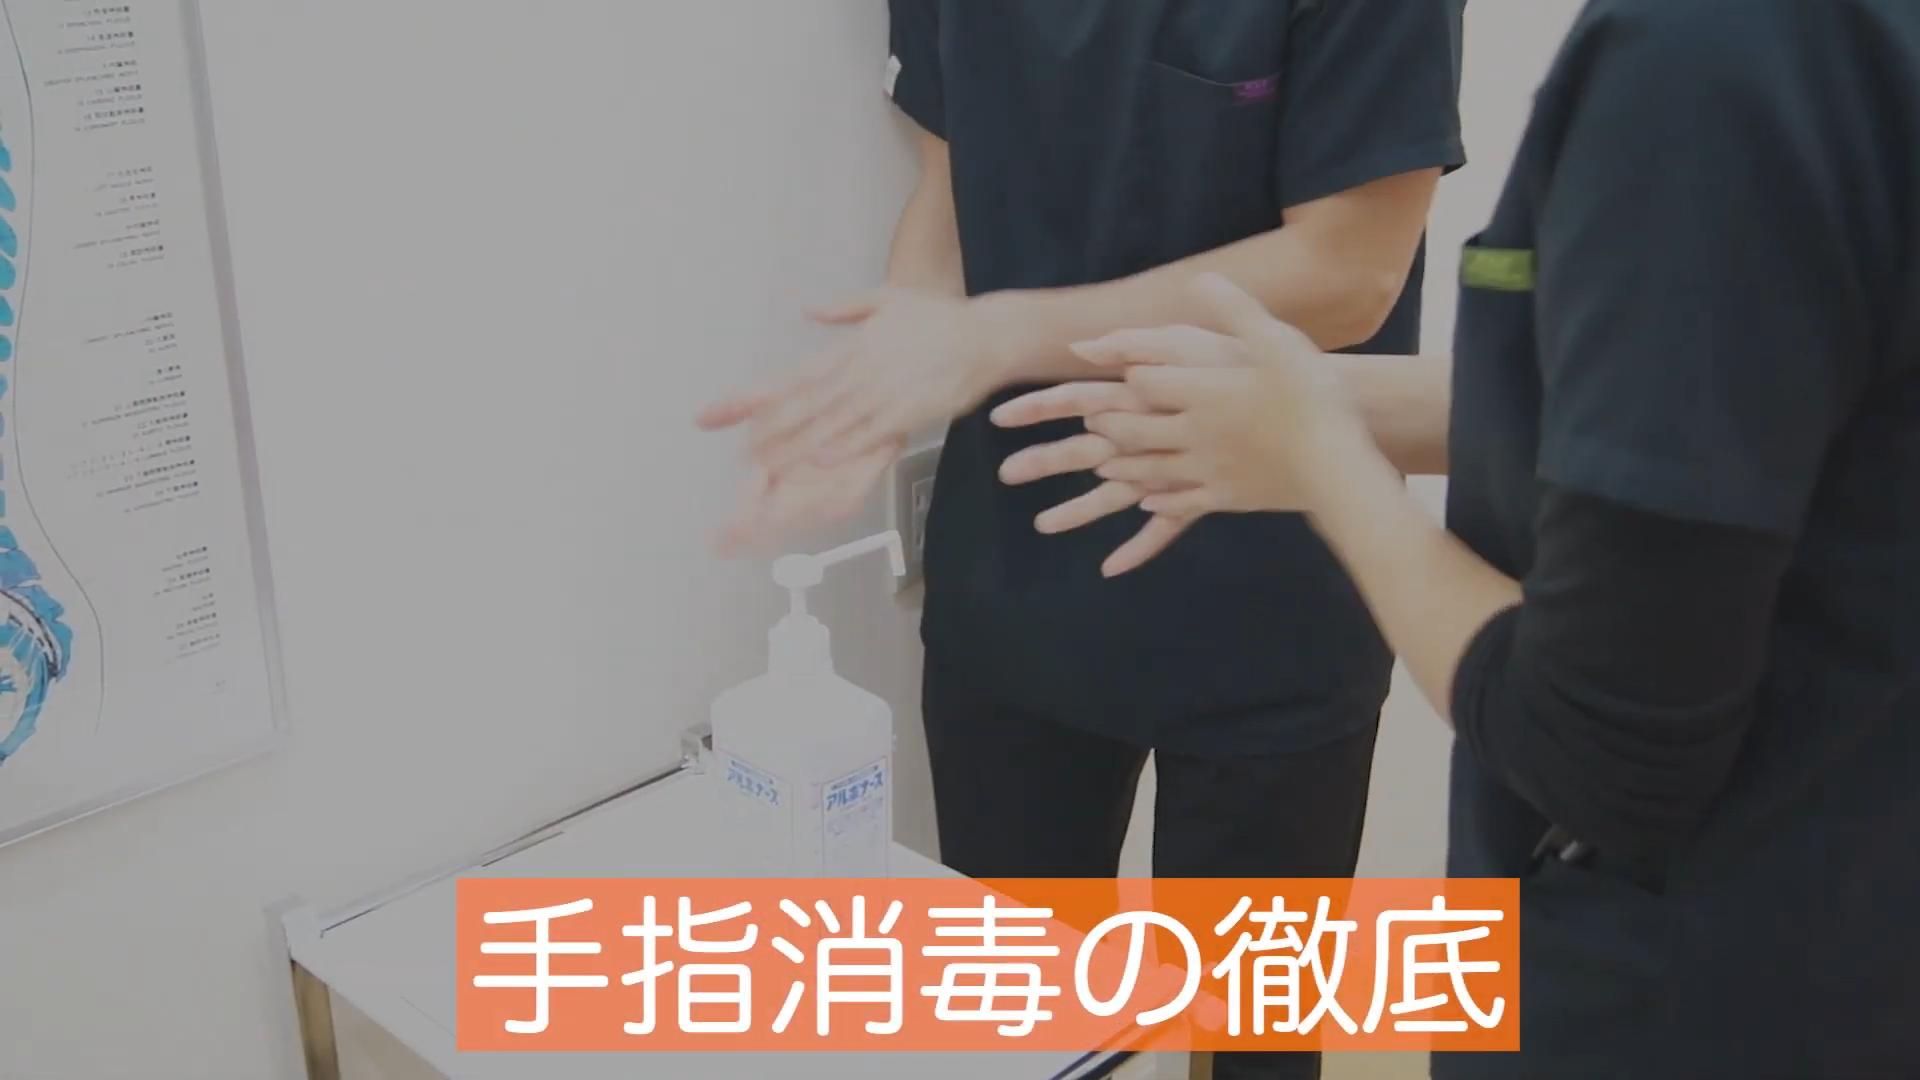 むさしグループの手指消毒の写真